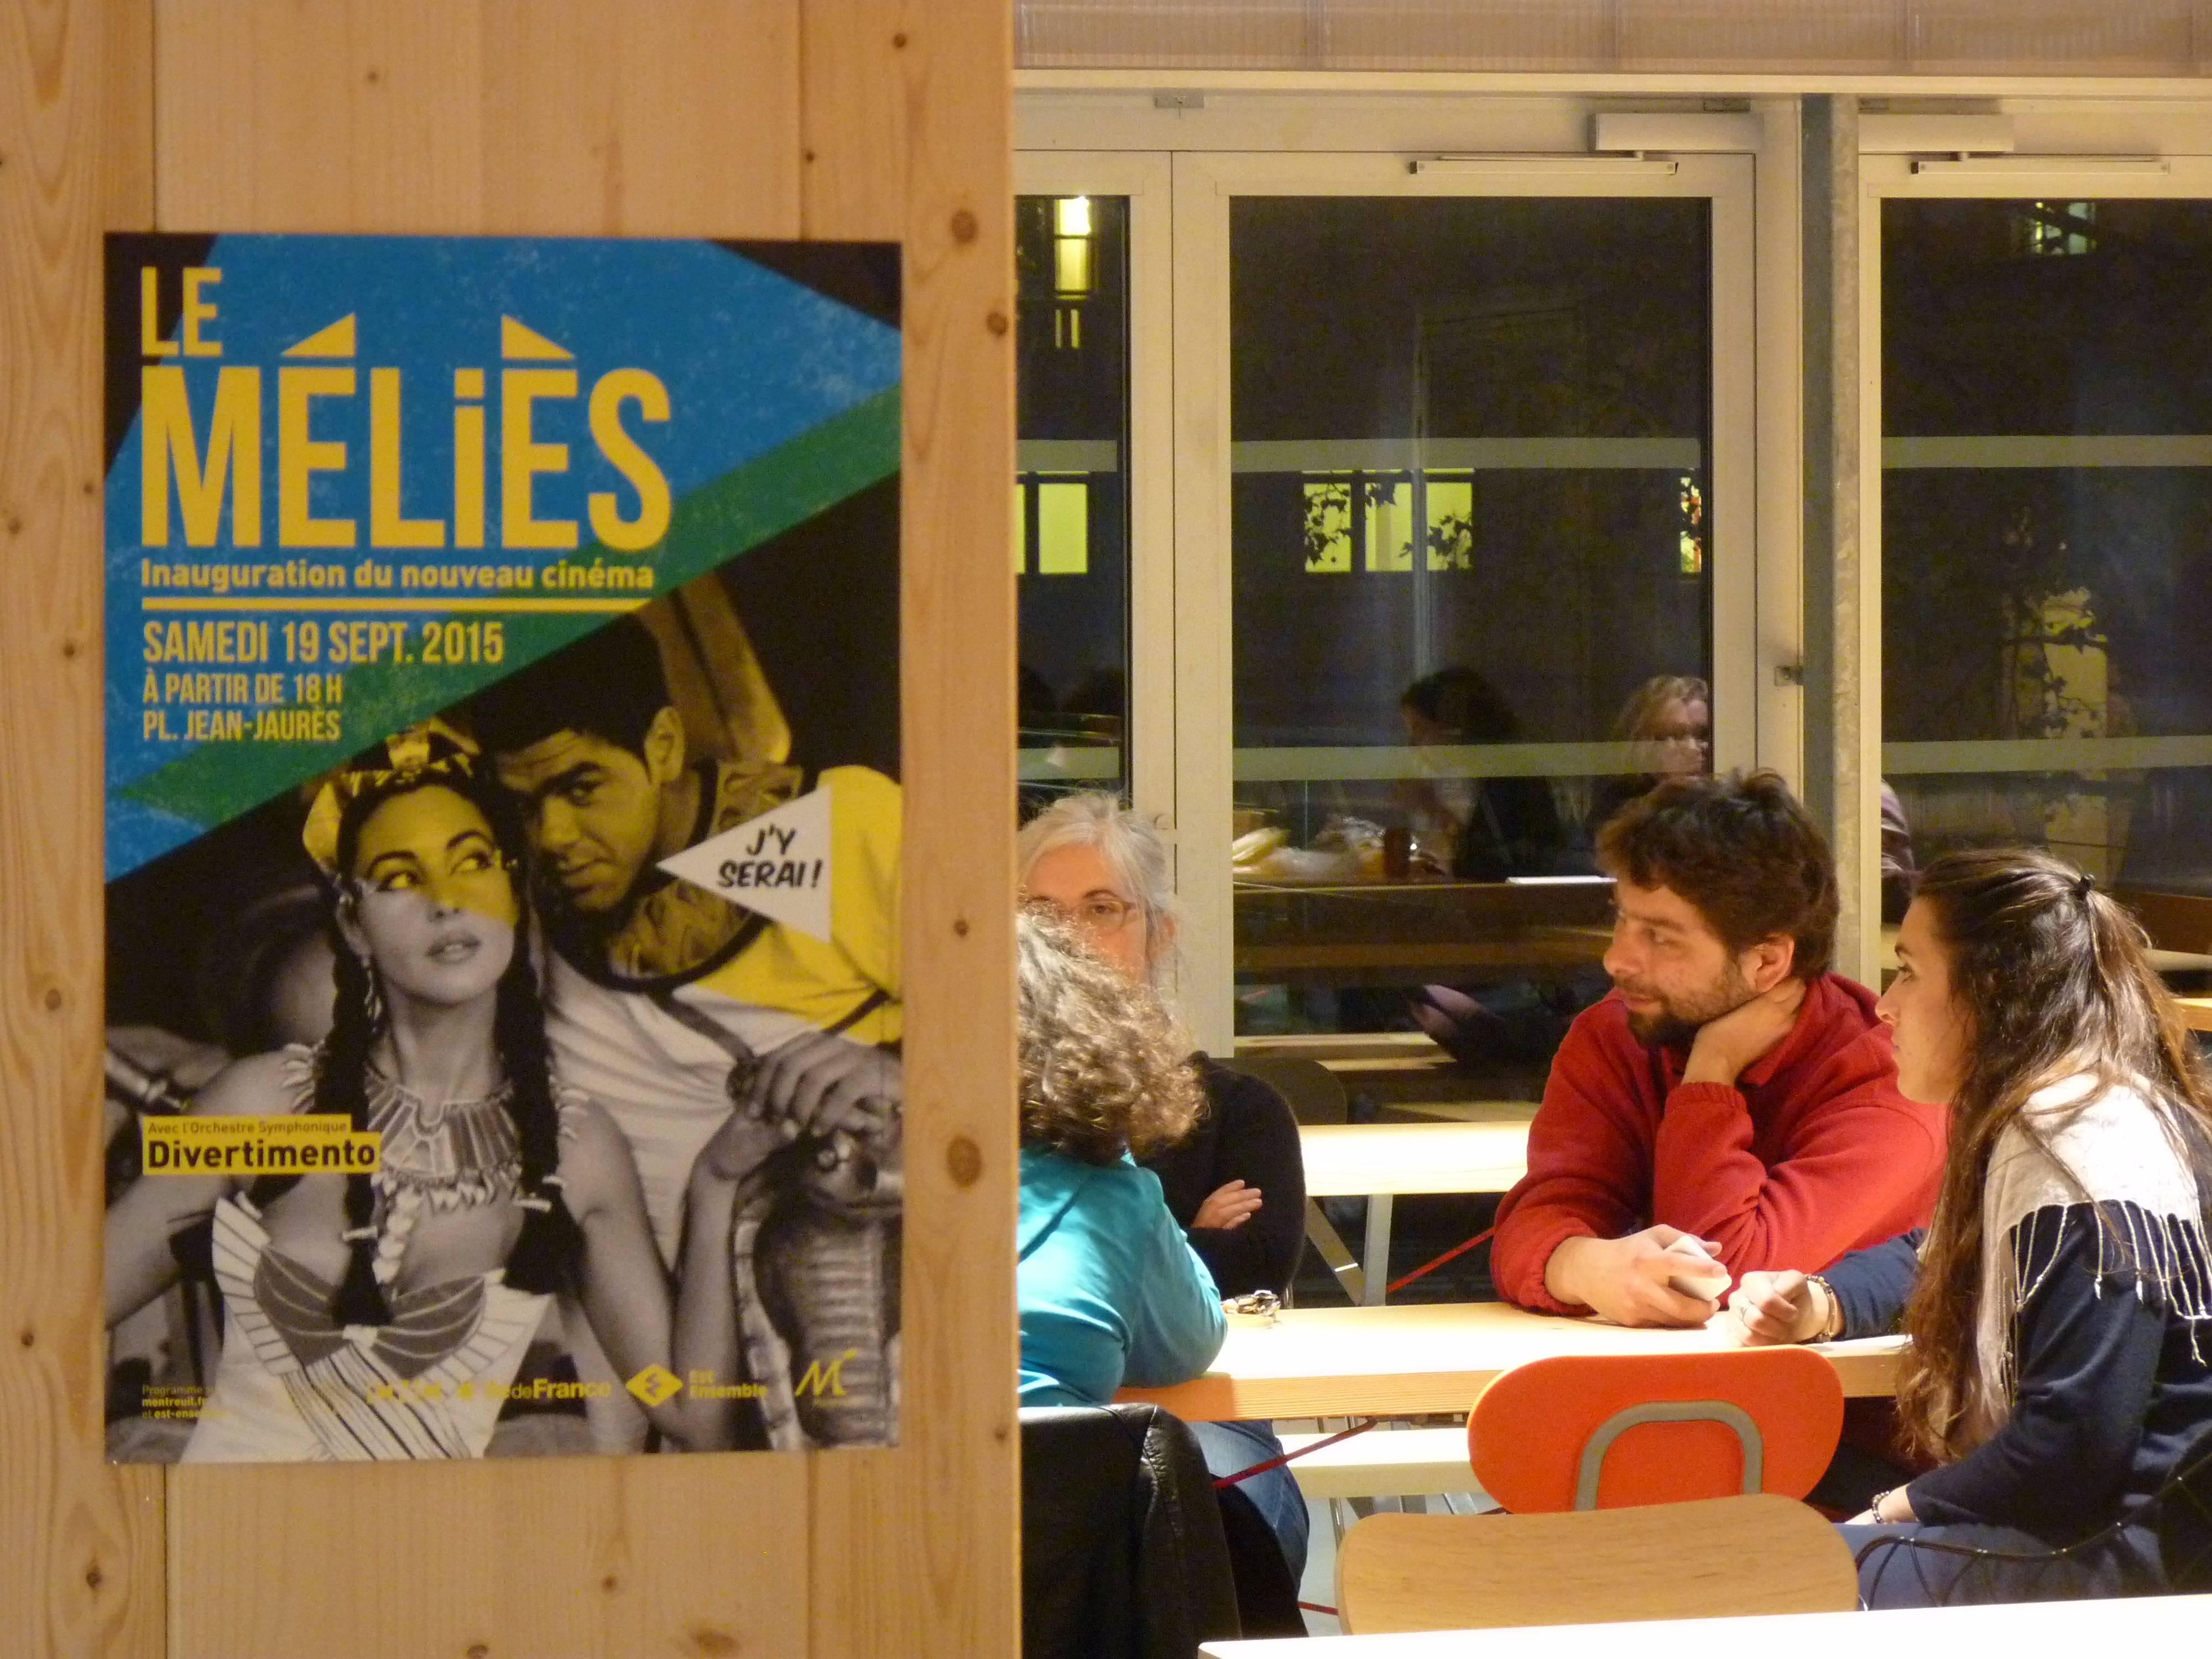 La FabU, le restaurant du Cinéma Méliès à Montreuil (93)